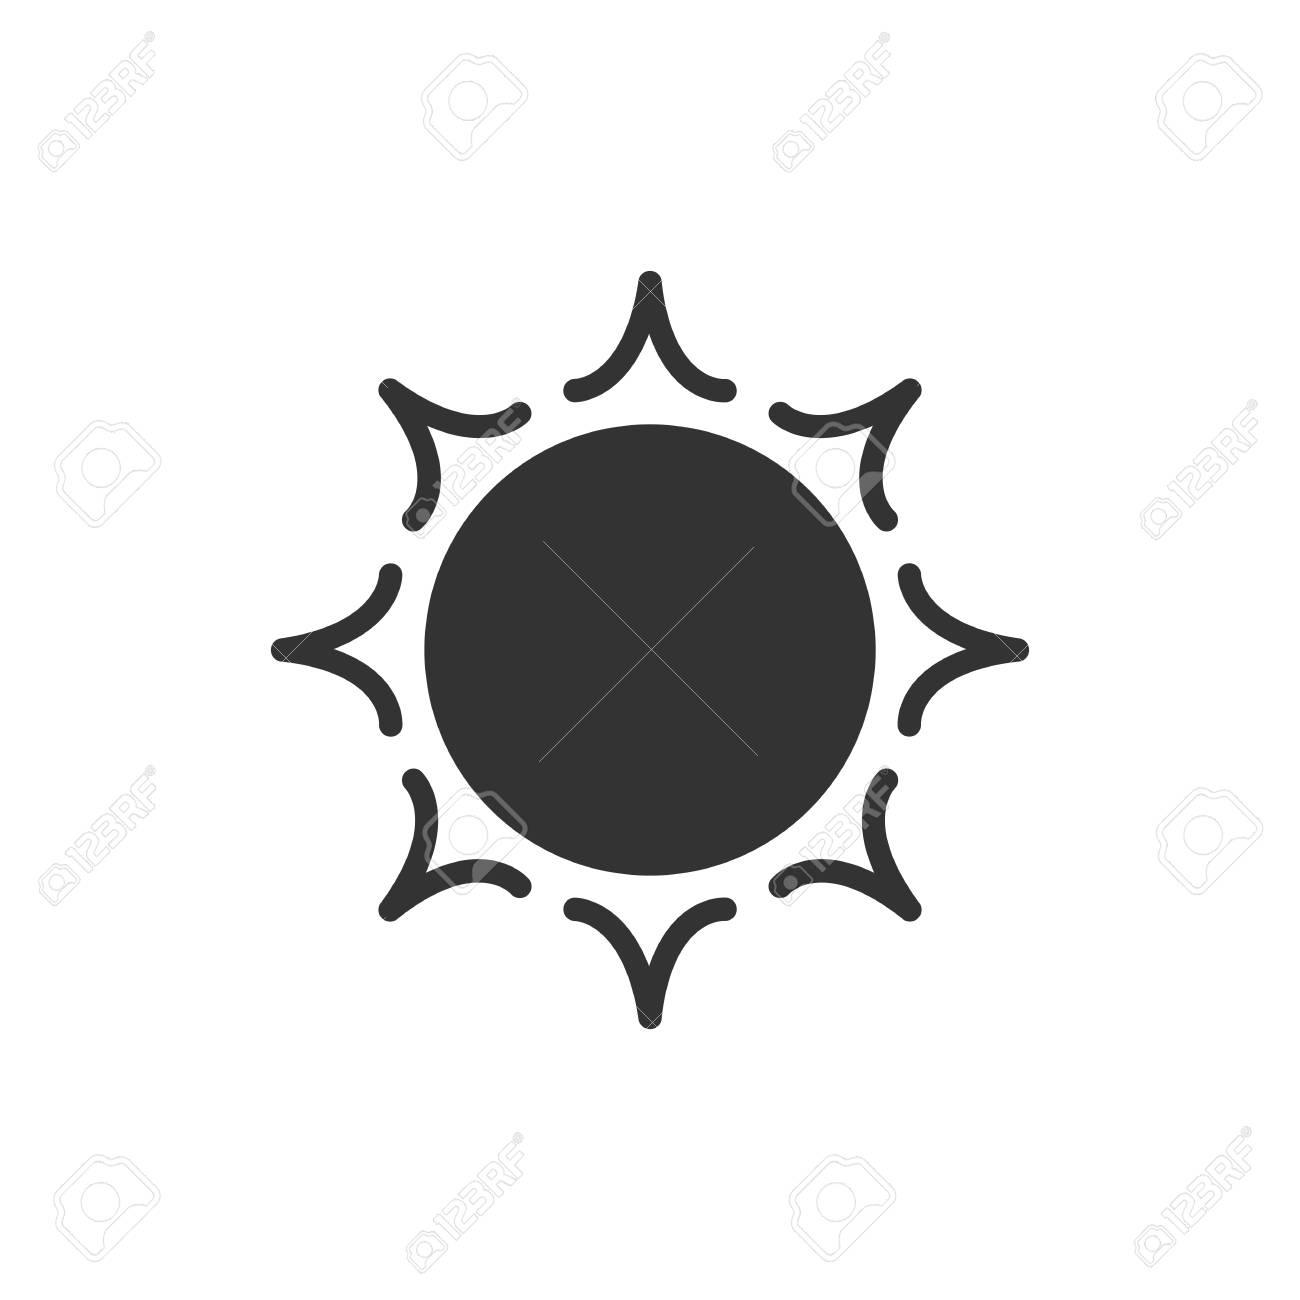 soleil style logo noir isole sur fond blanc